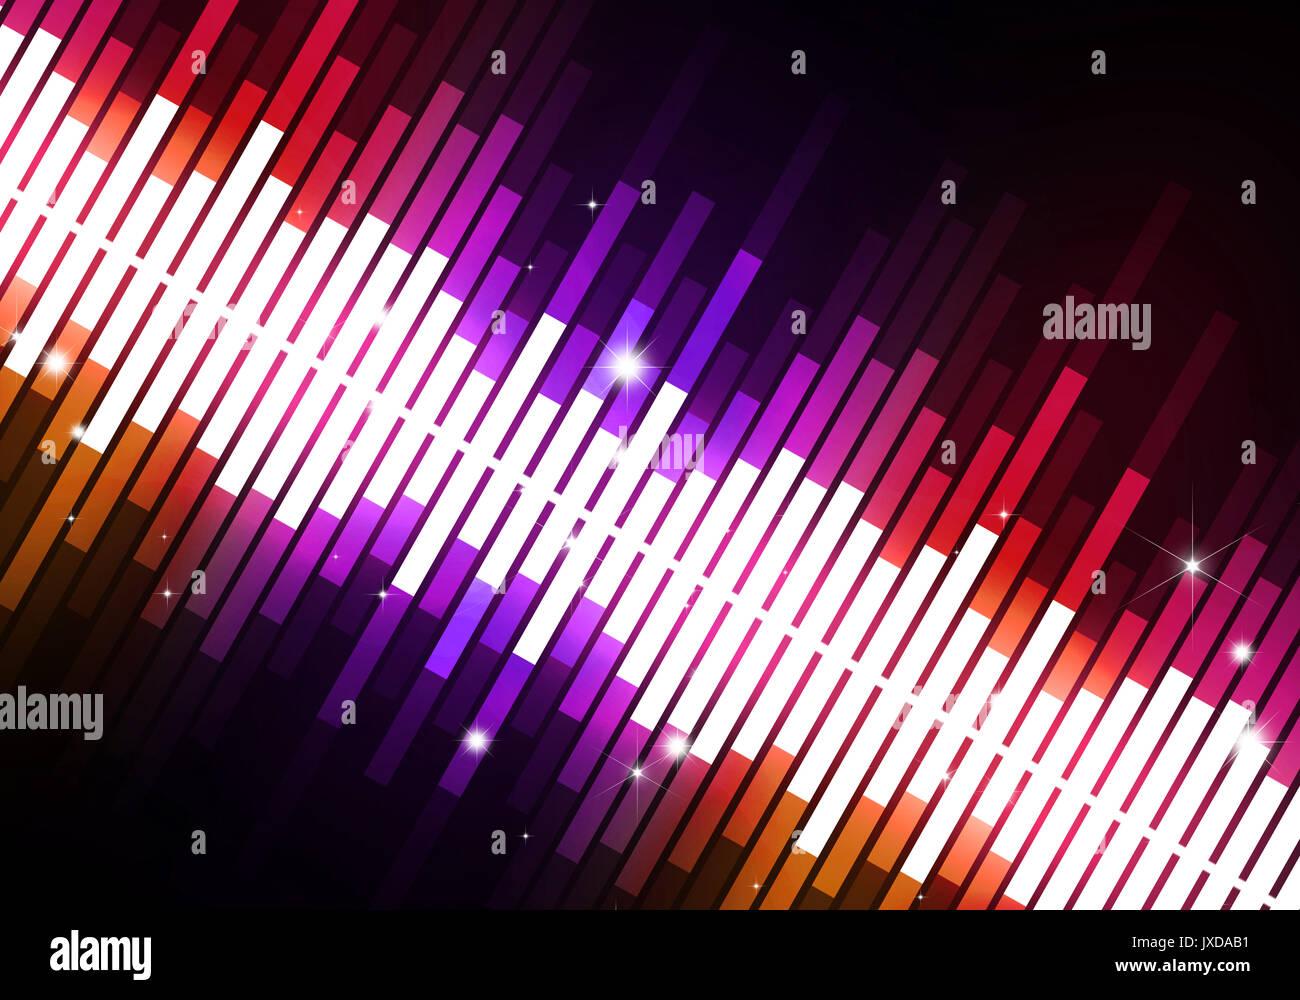 Abstract multicolore Equalizzatore musica di sfondo per gli eventi di festa Immagini Stock